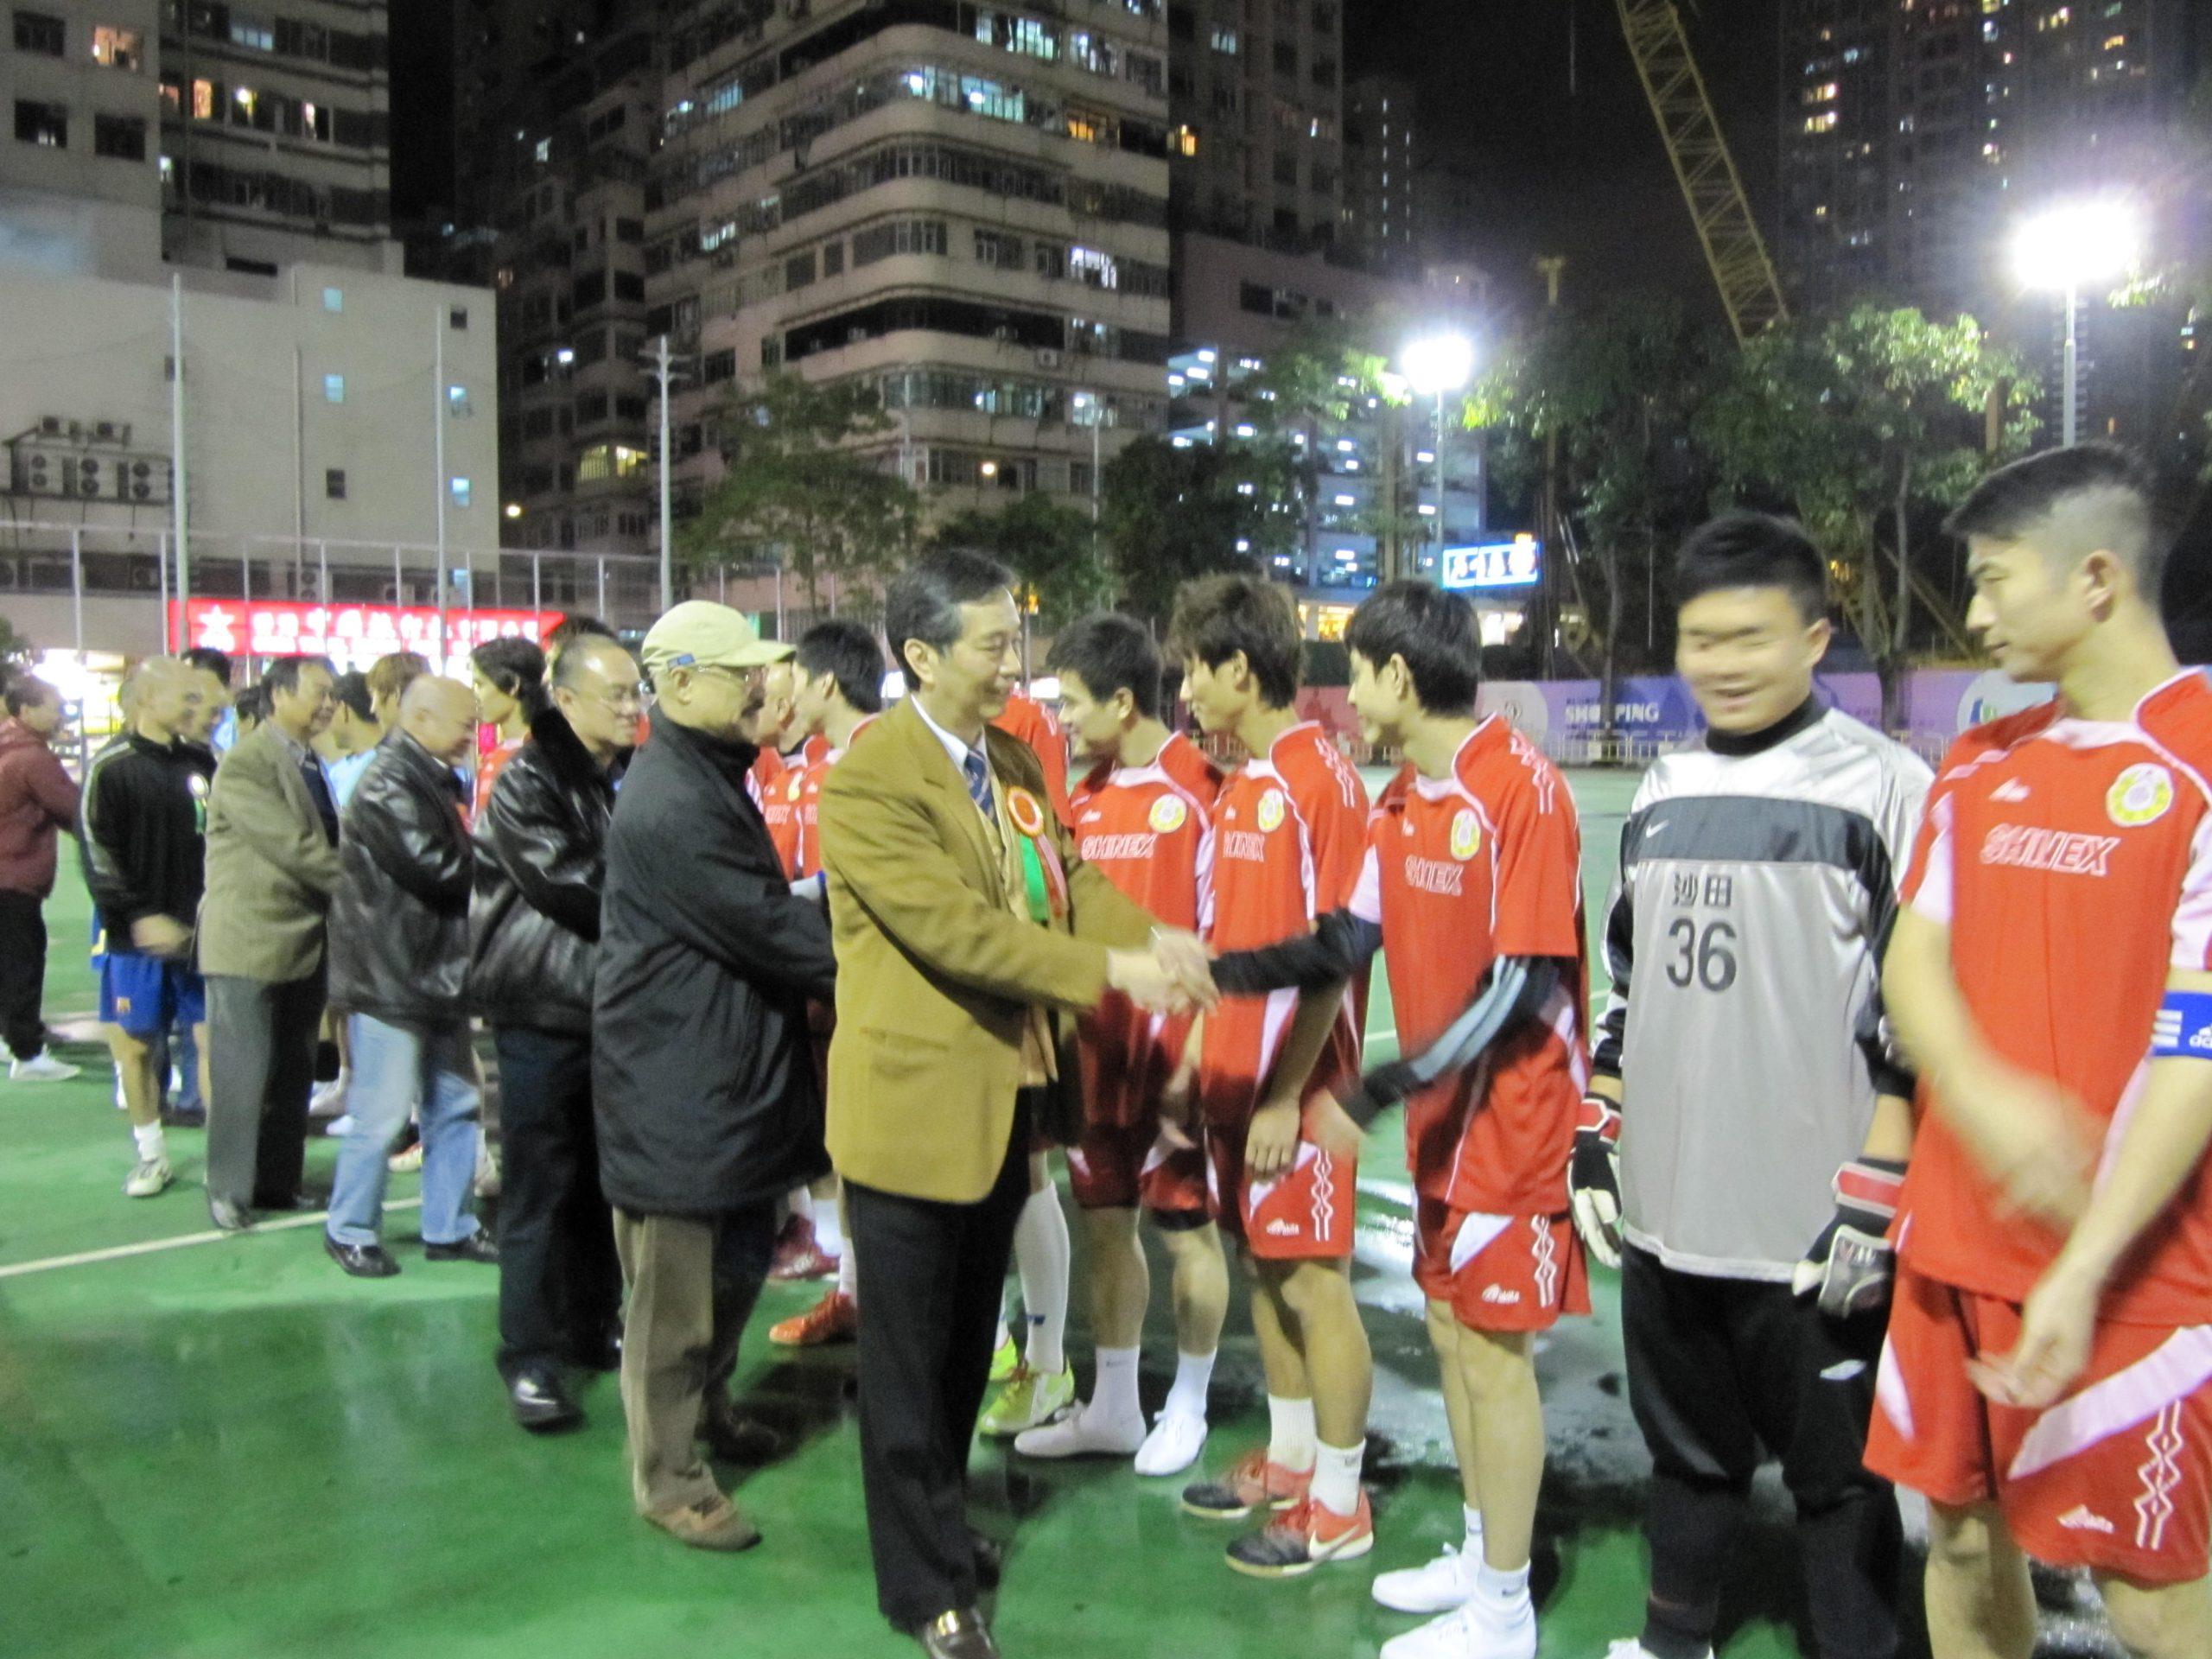 (右起)主席黄錫林、九小總主席馬天超、足總司庫李茂銘、副主席梁樹琦、本會司庫鄧渭文等行握手禮